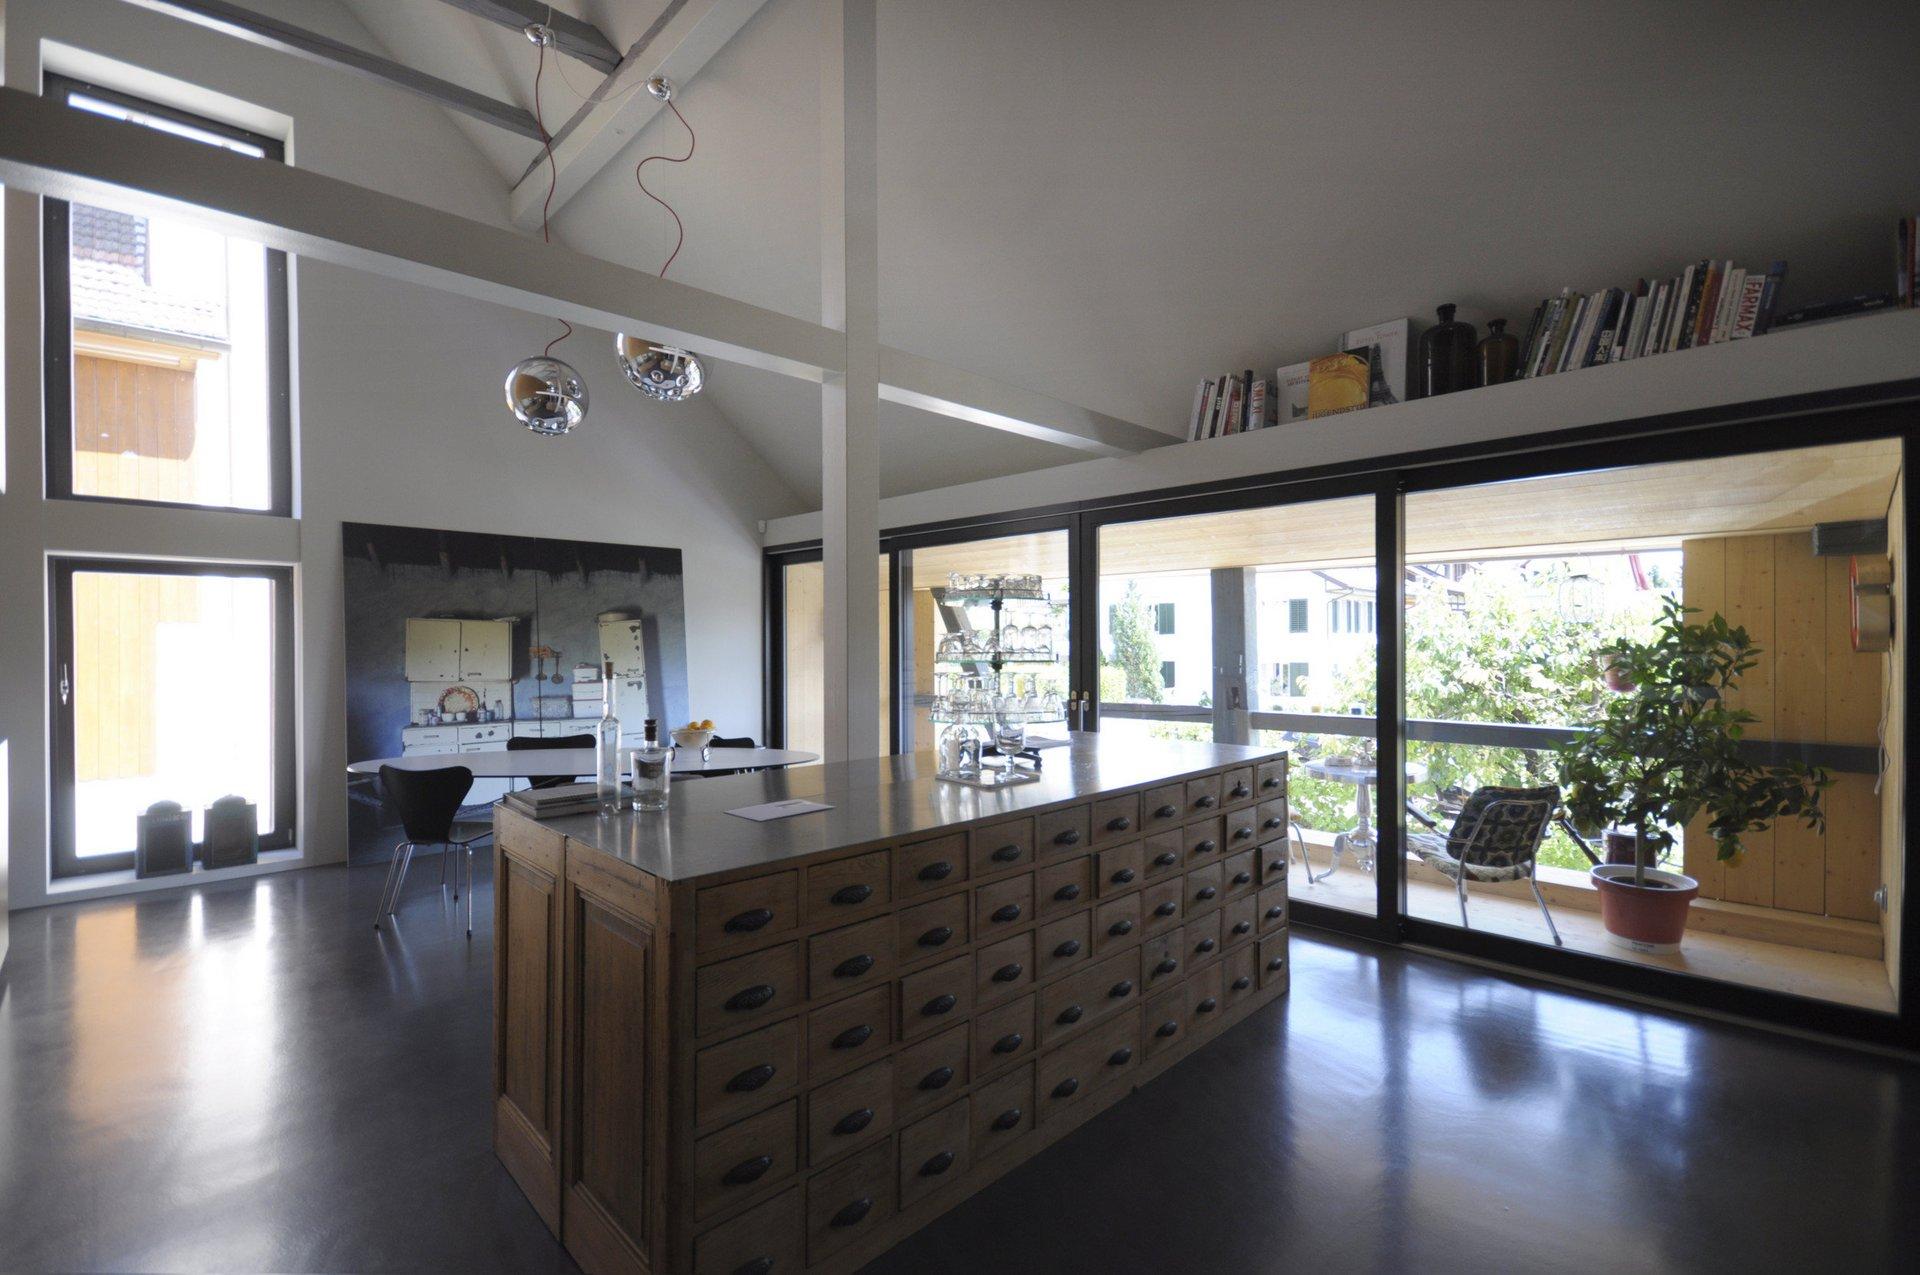 Möblierter Wohnbereich mit grossen Hebe-Schiebetüren die die Wand ersetzen